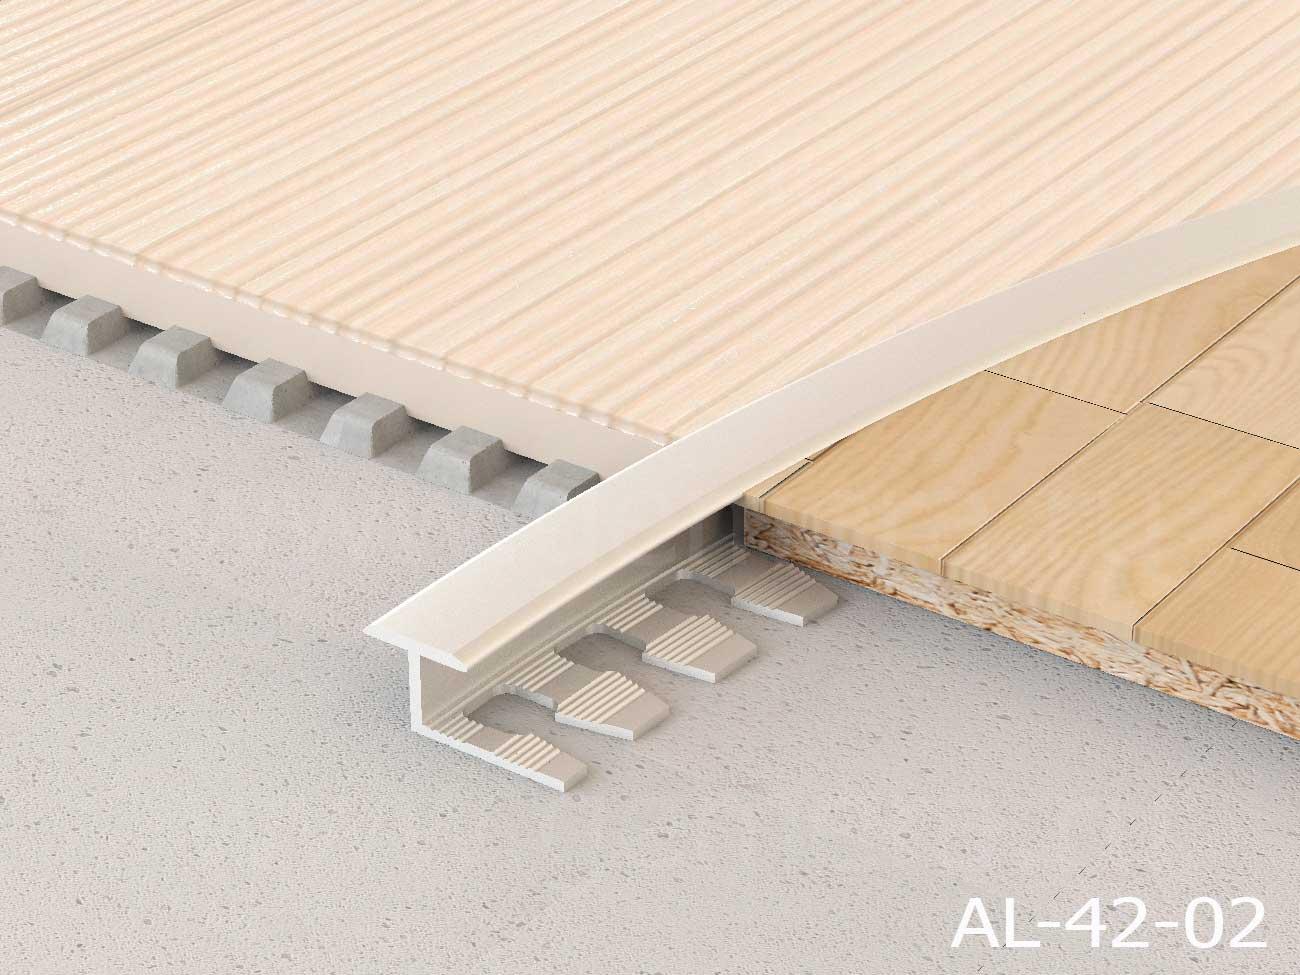 Т-профиль гибкий закругленный алюминиевый Butun AL-42-00